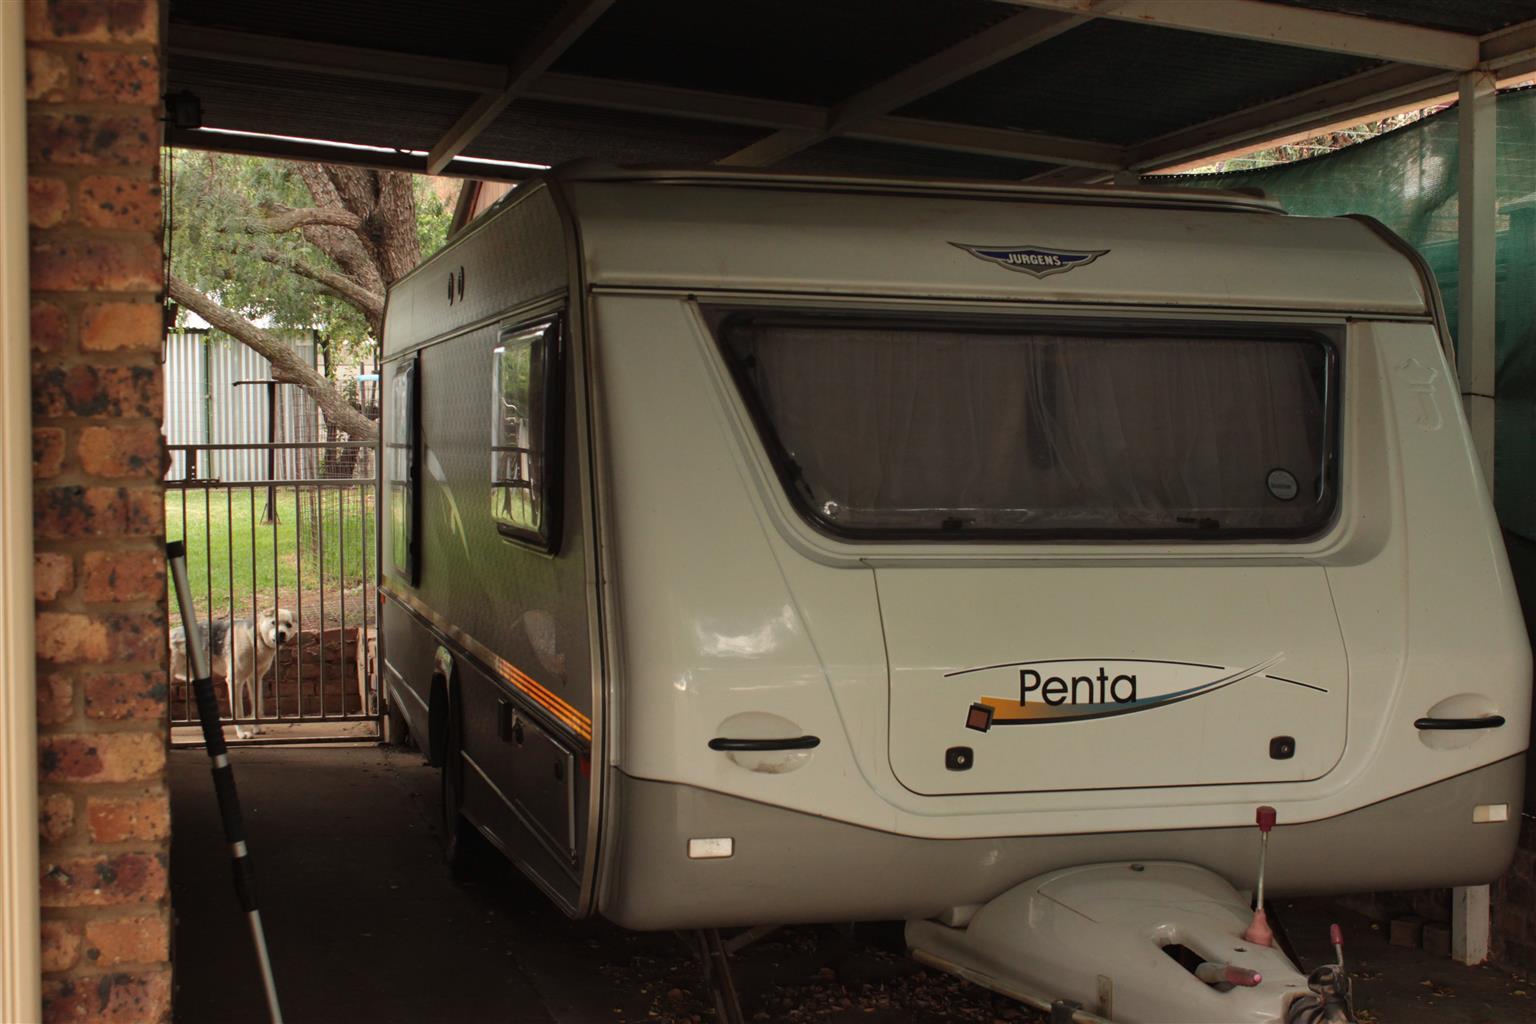 2008 Jurgens Penta Caravan